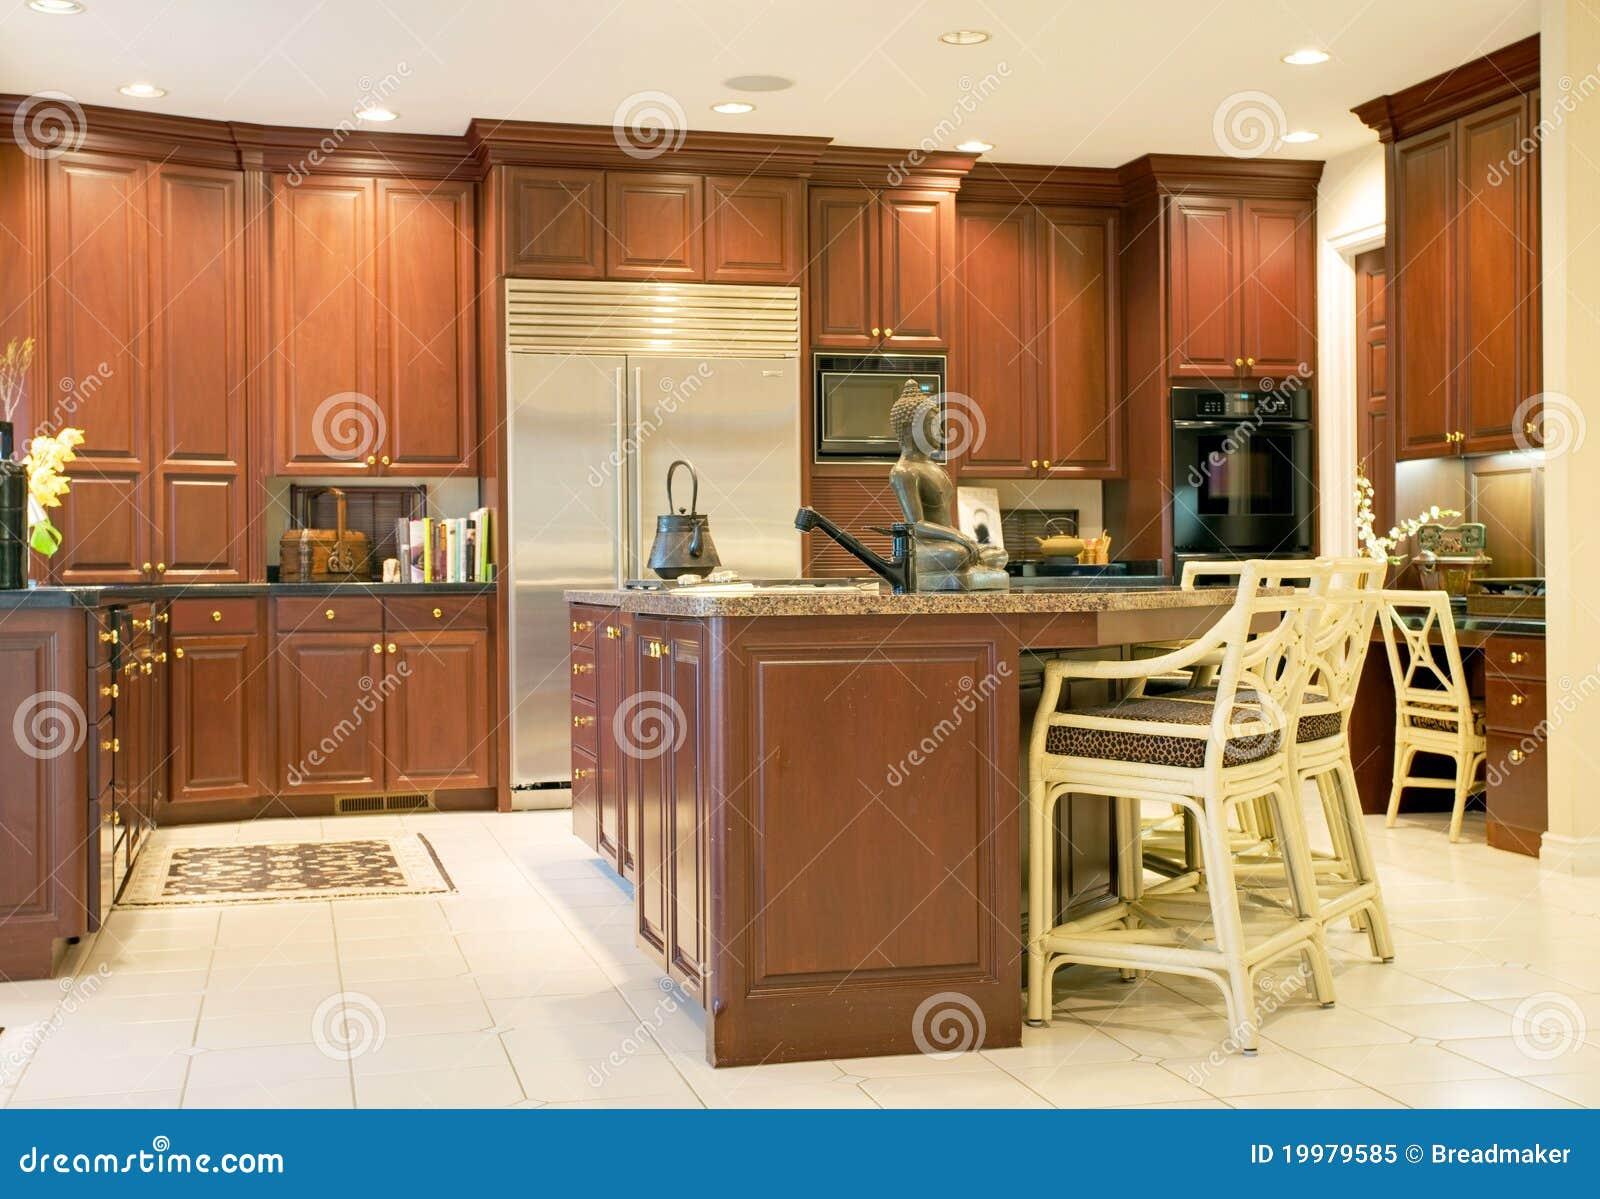 Cucina Di Lusso Fotografia Stock Libera da Diritti - Immagine: 19979585